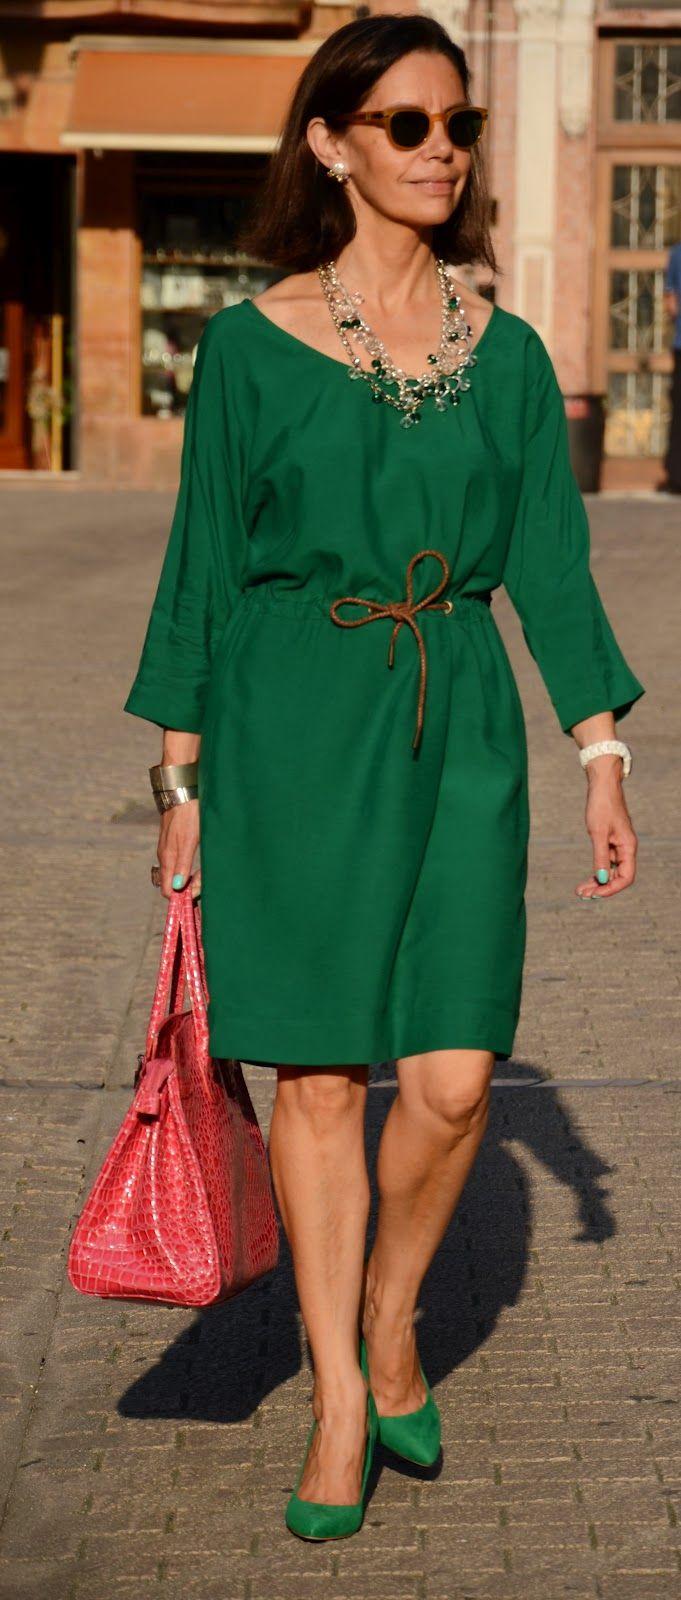 Cómo se viste en el Norte, desde el punto de vista de una mujer madura que cree que la moda va más allá de la ropa